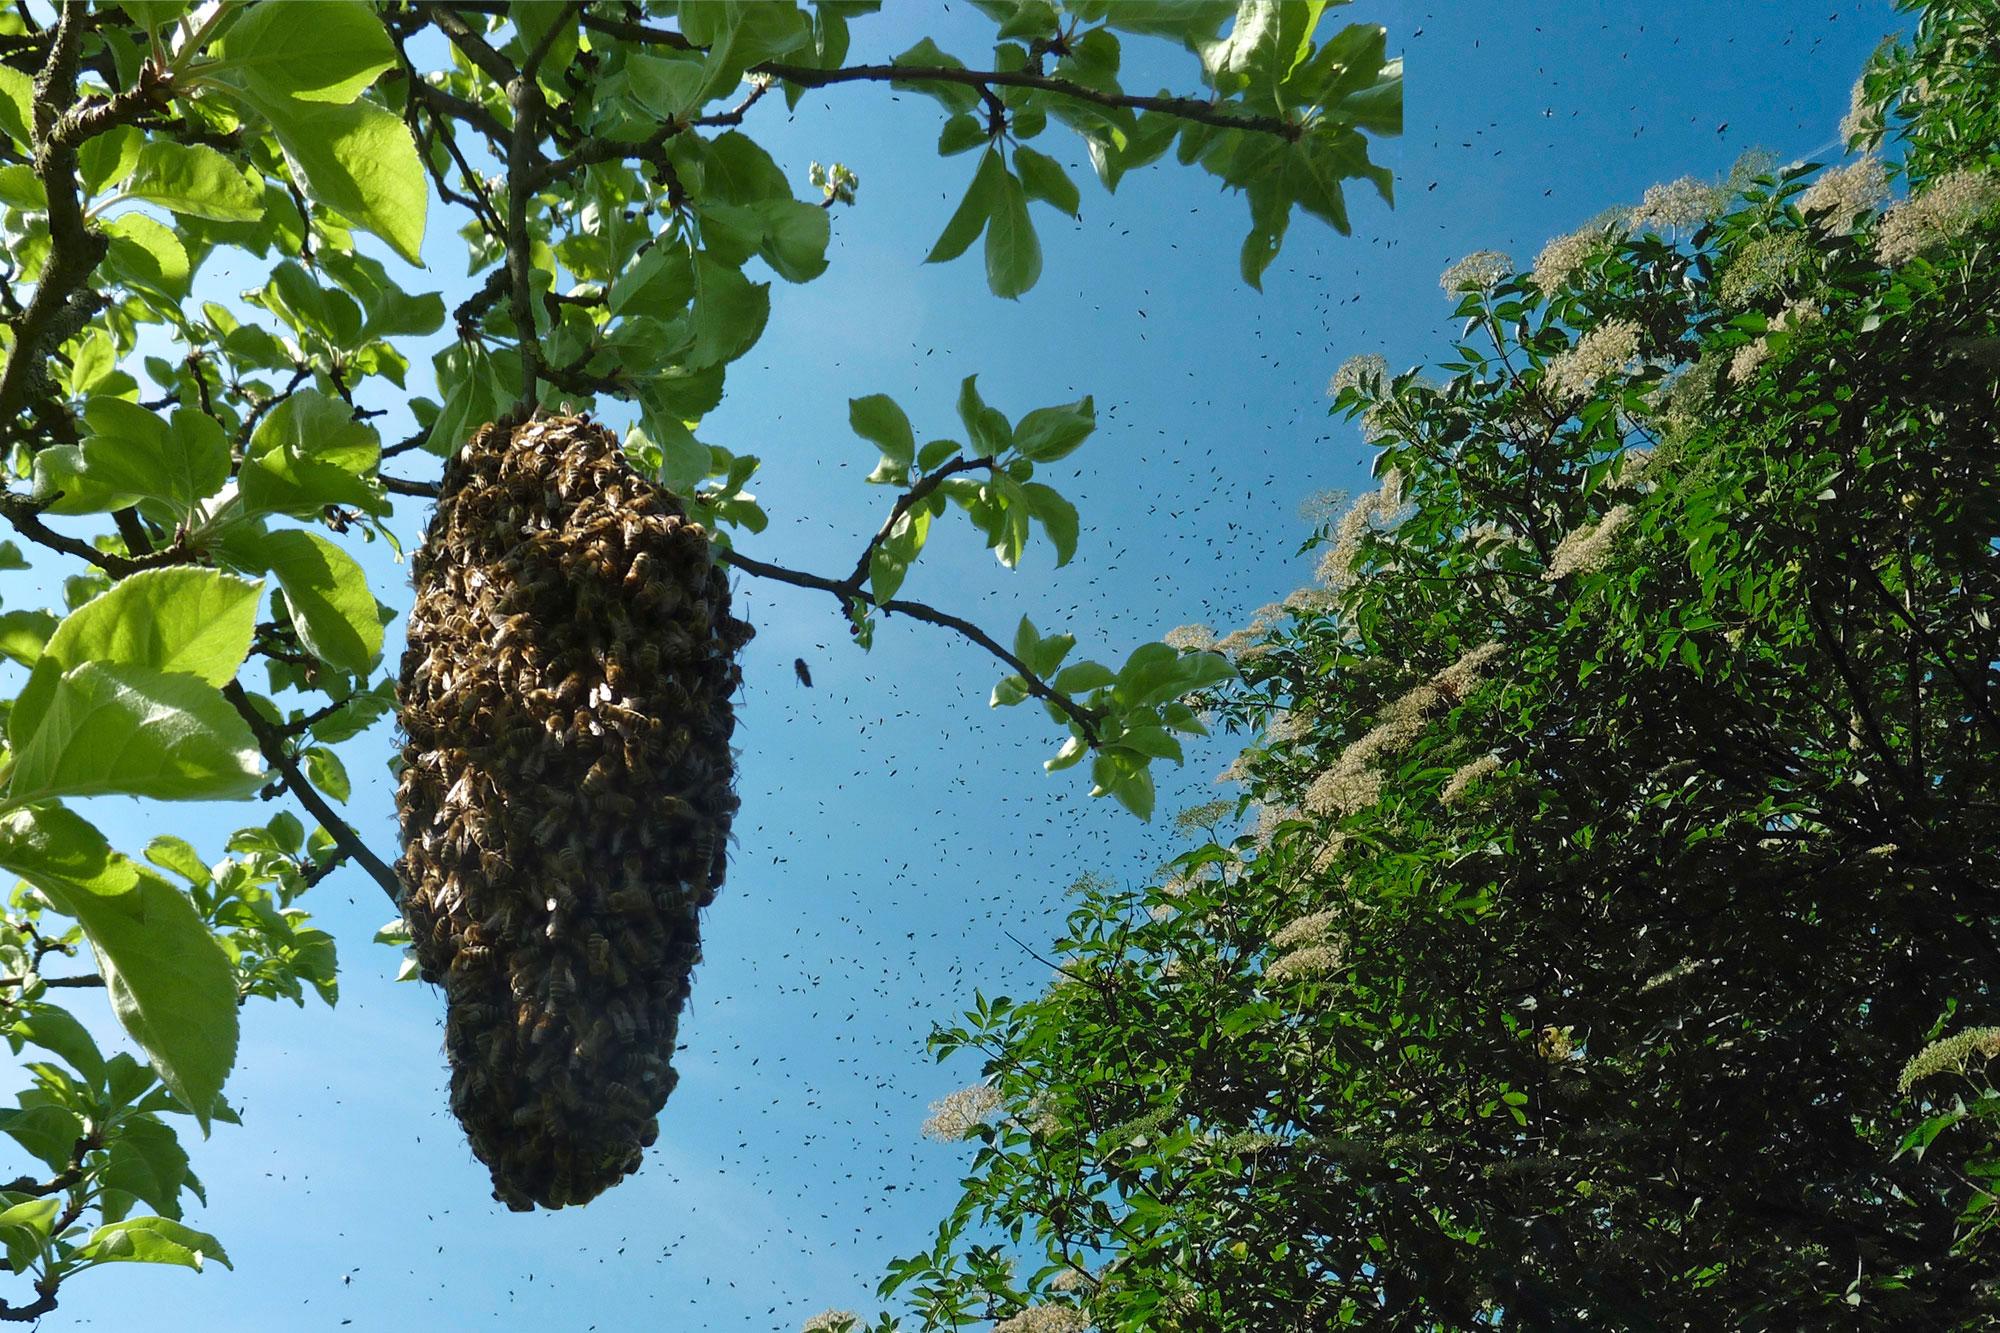 Bienenschwarm in Berlin - unser Schwarmfänger kann beim EInfangen helfen